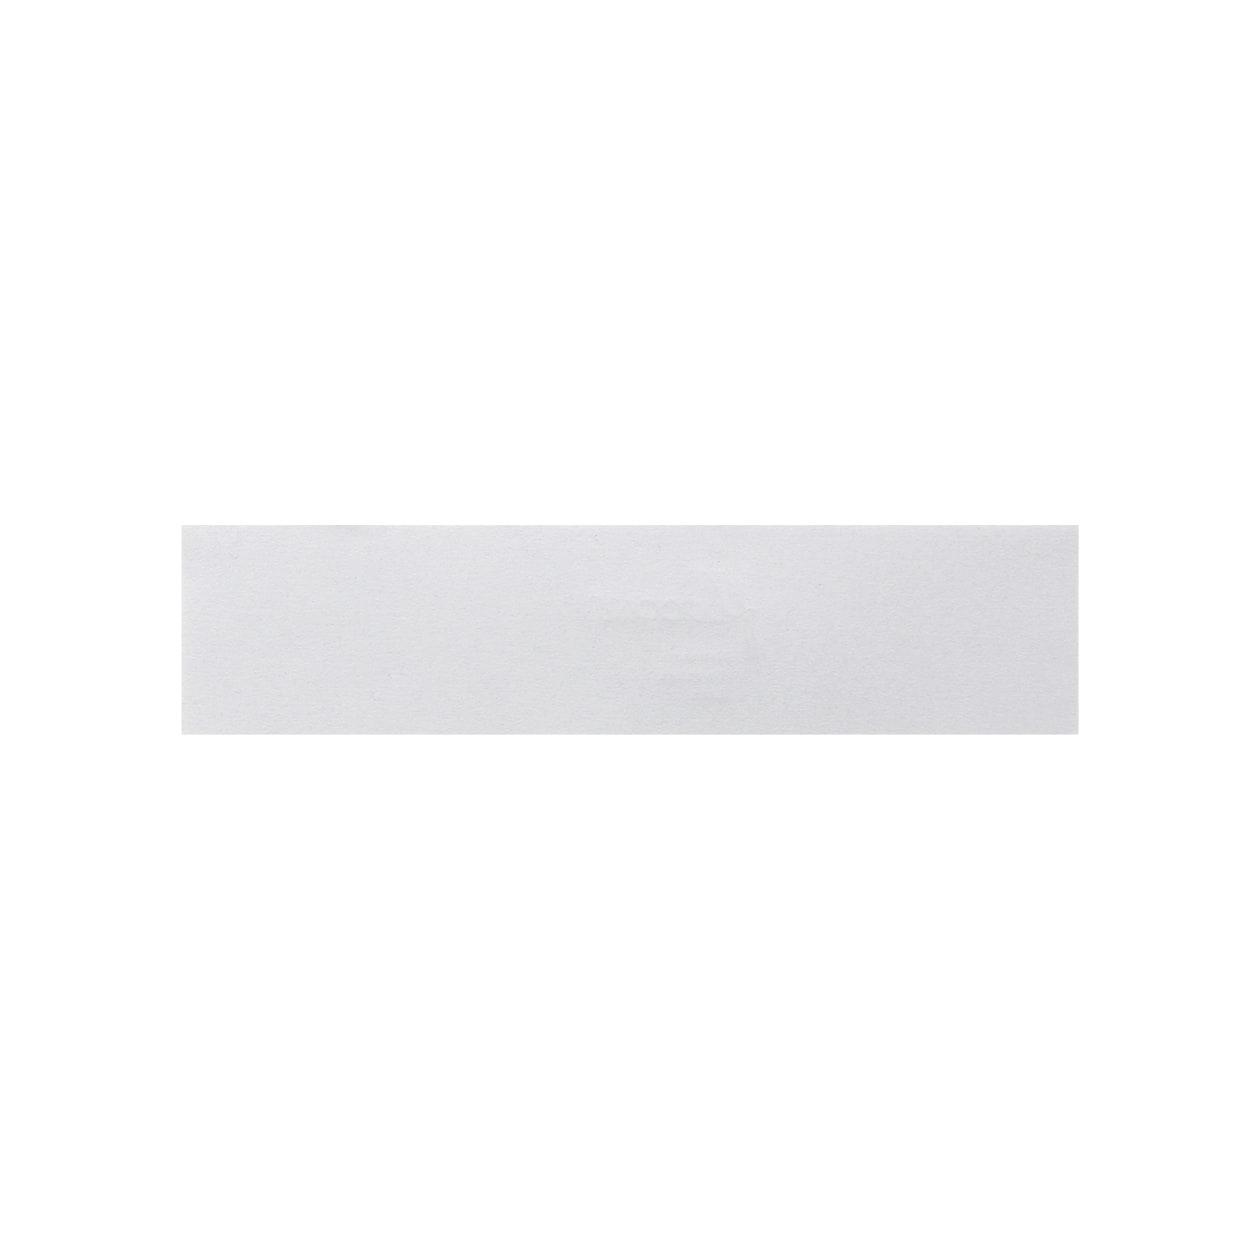 サンプル カード・シート 00433